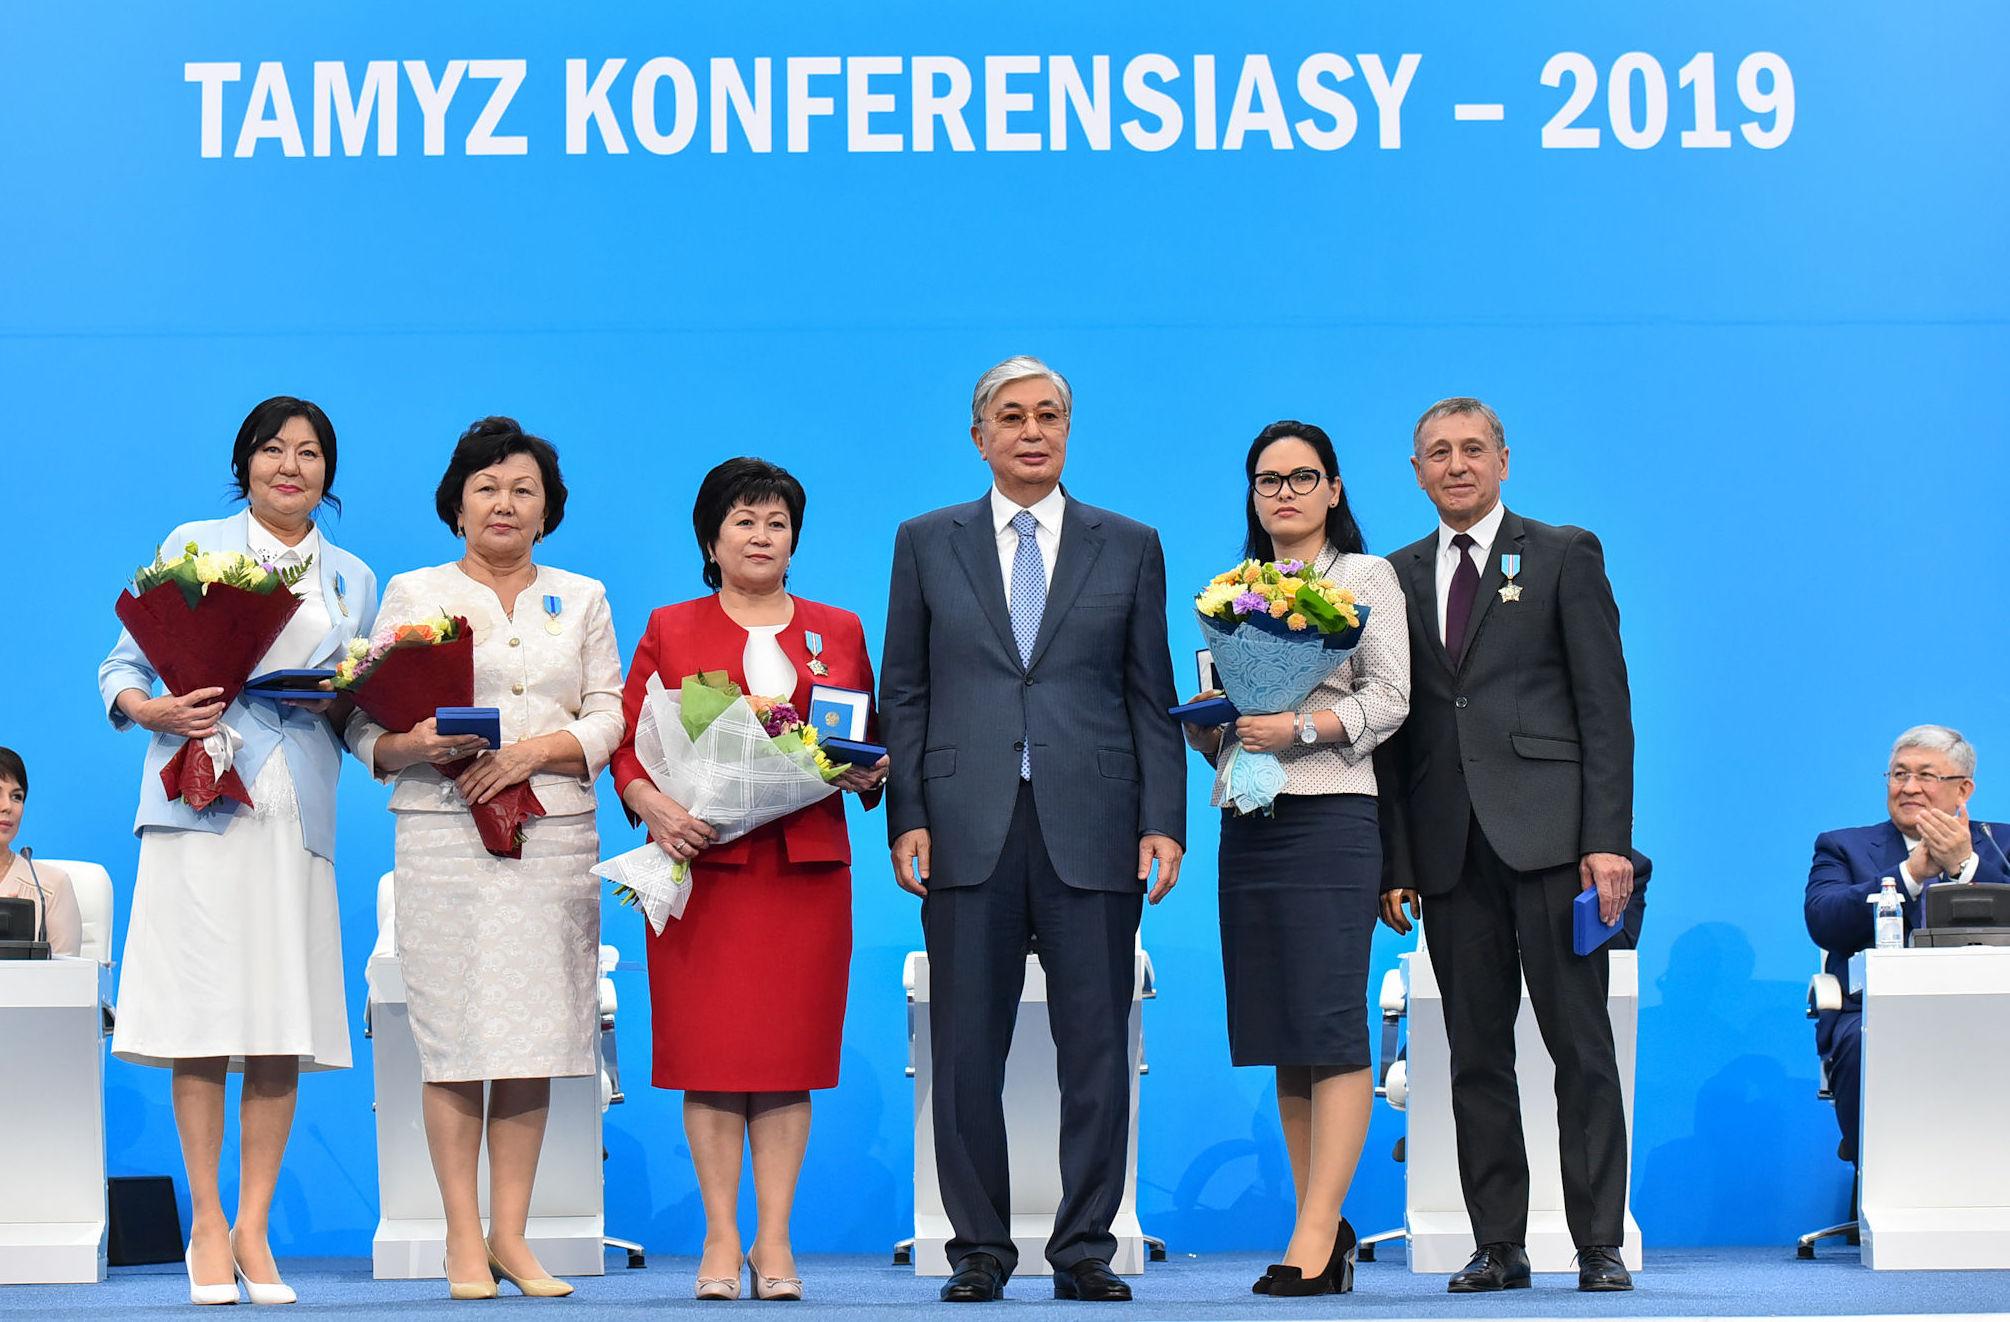 Президент Казахстана Касым-Жомарт Токаев с награжденными педагогами на августовской конференции